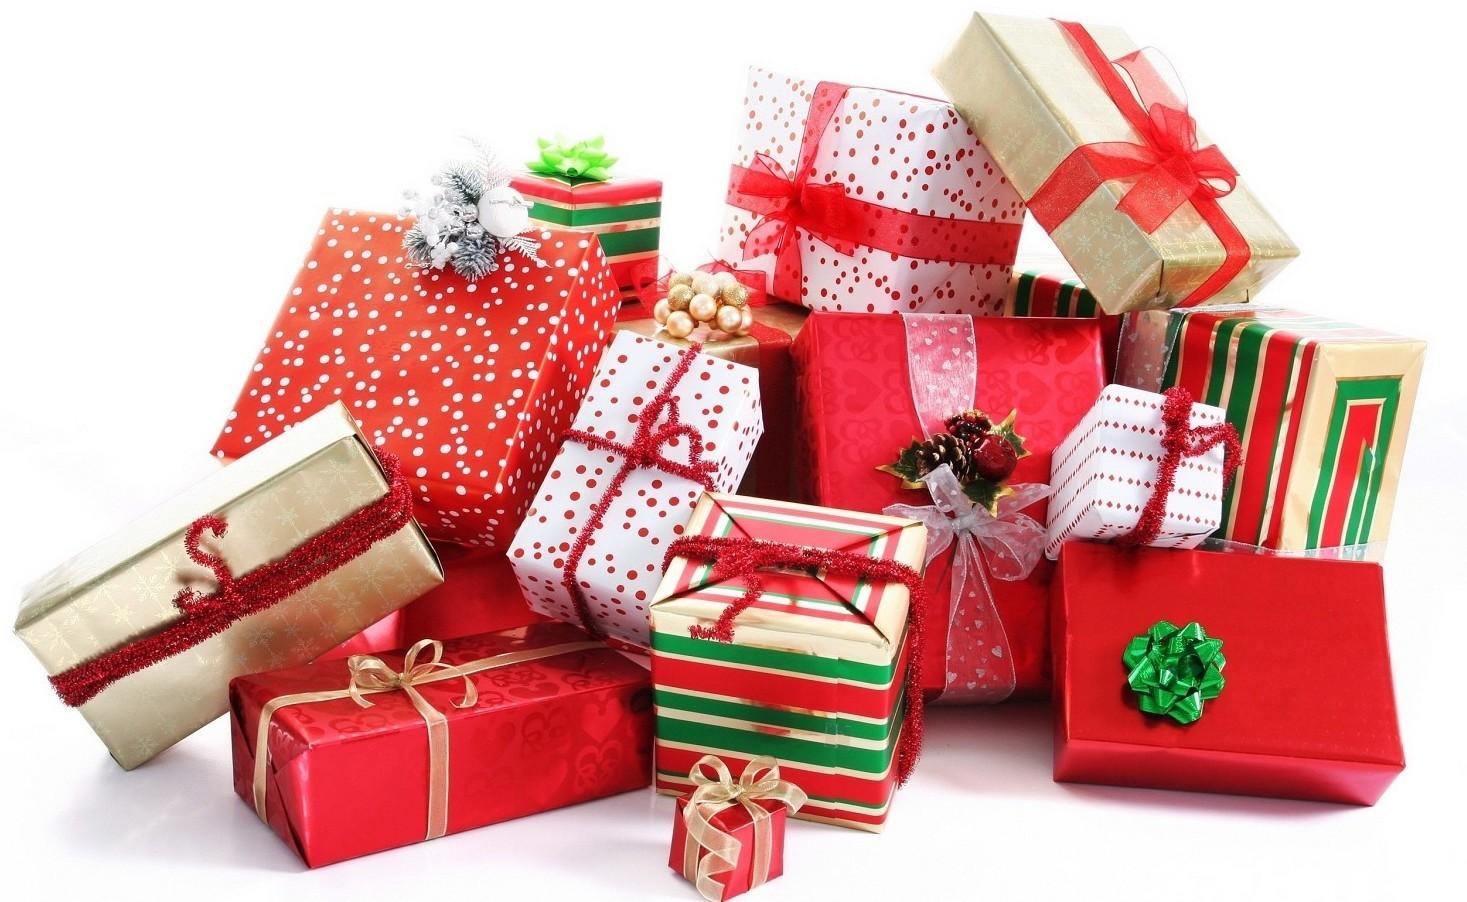 Idee regalo Natale per bambino e bambina di 7 anni